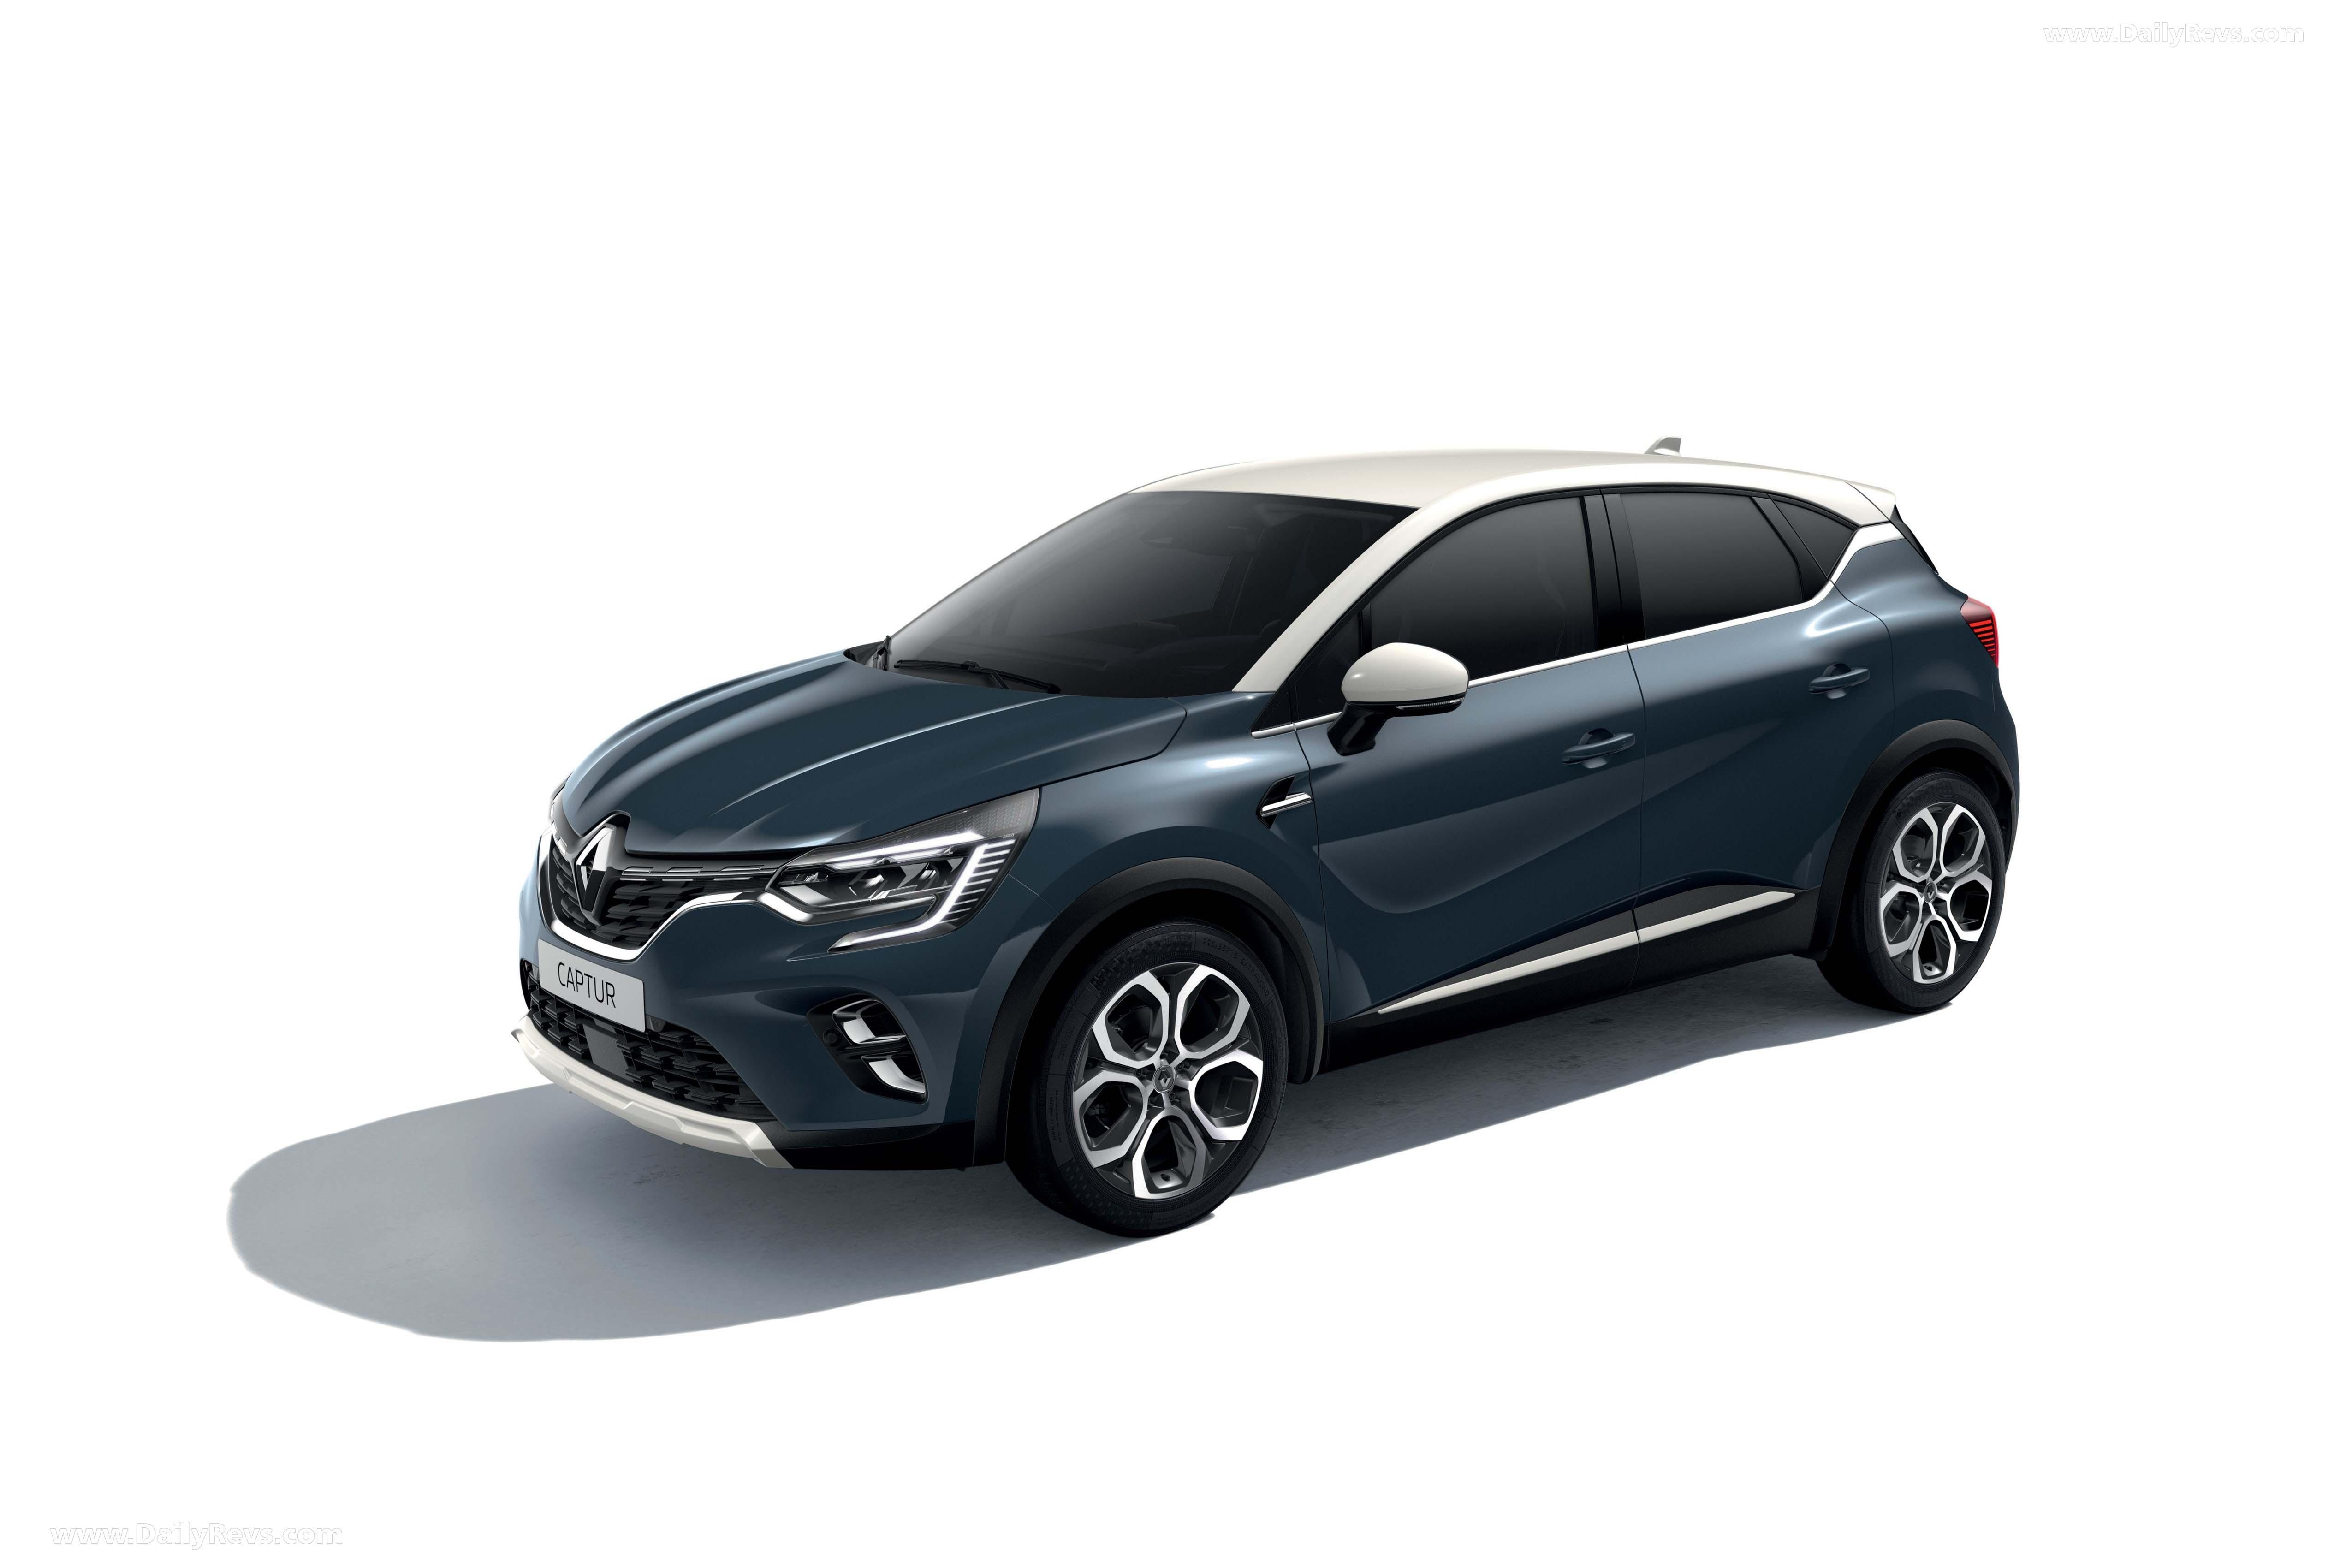 2020 Renault Captur full